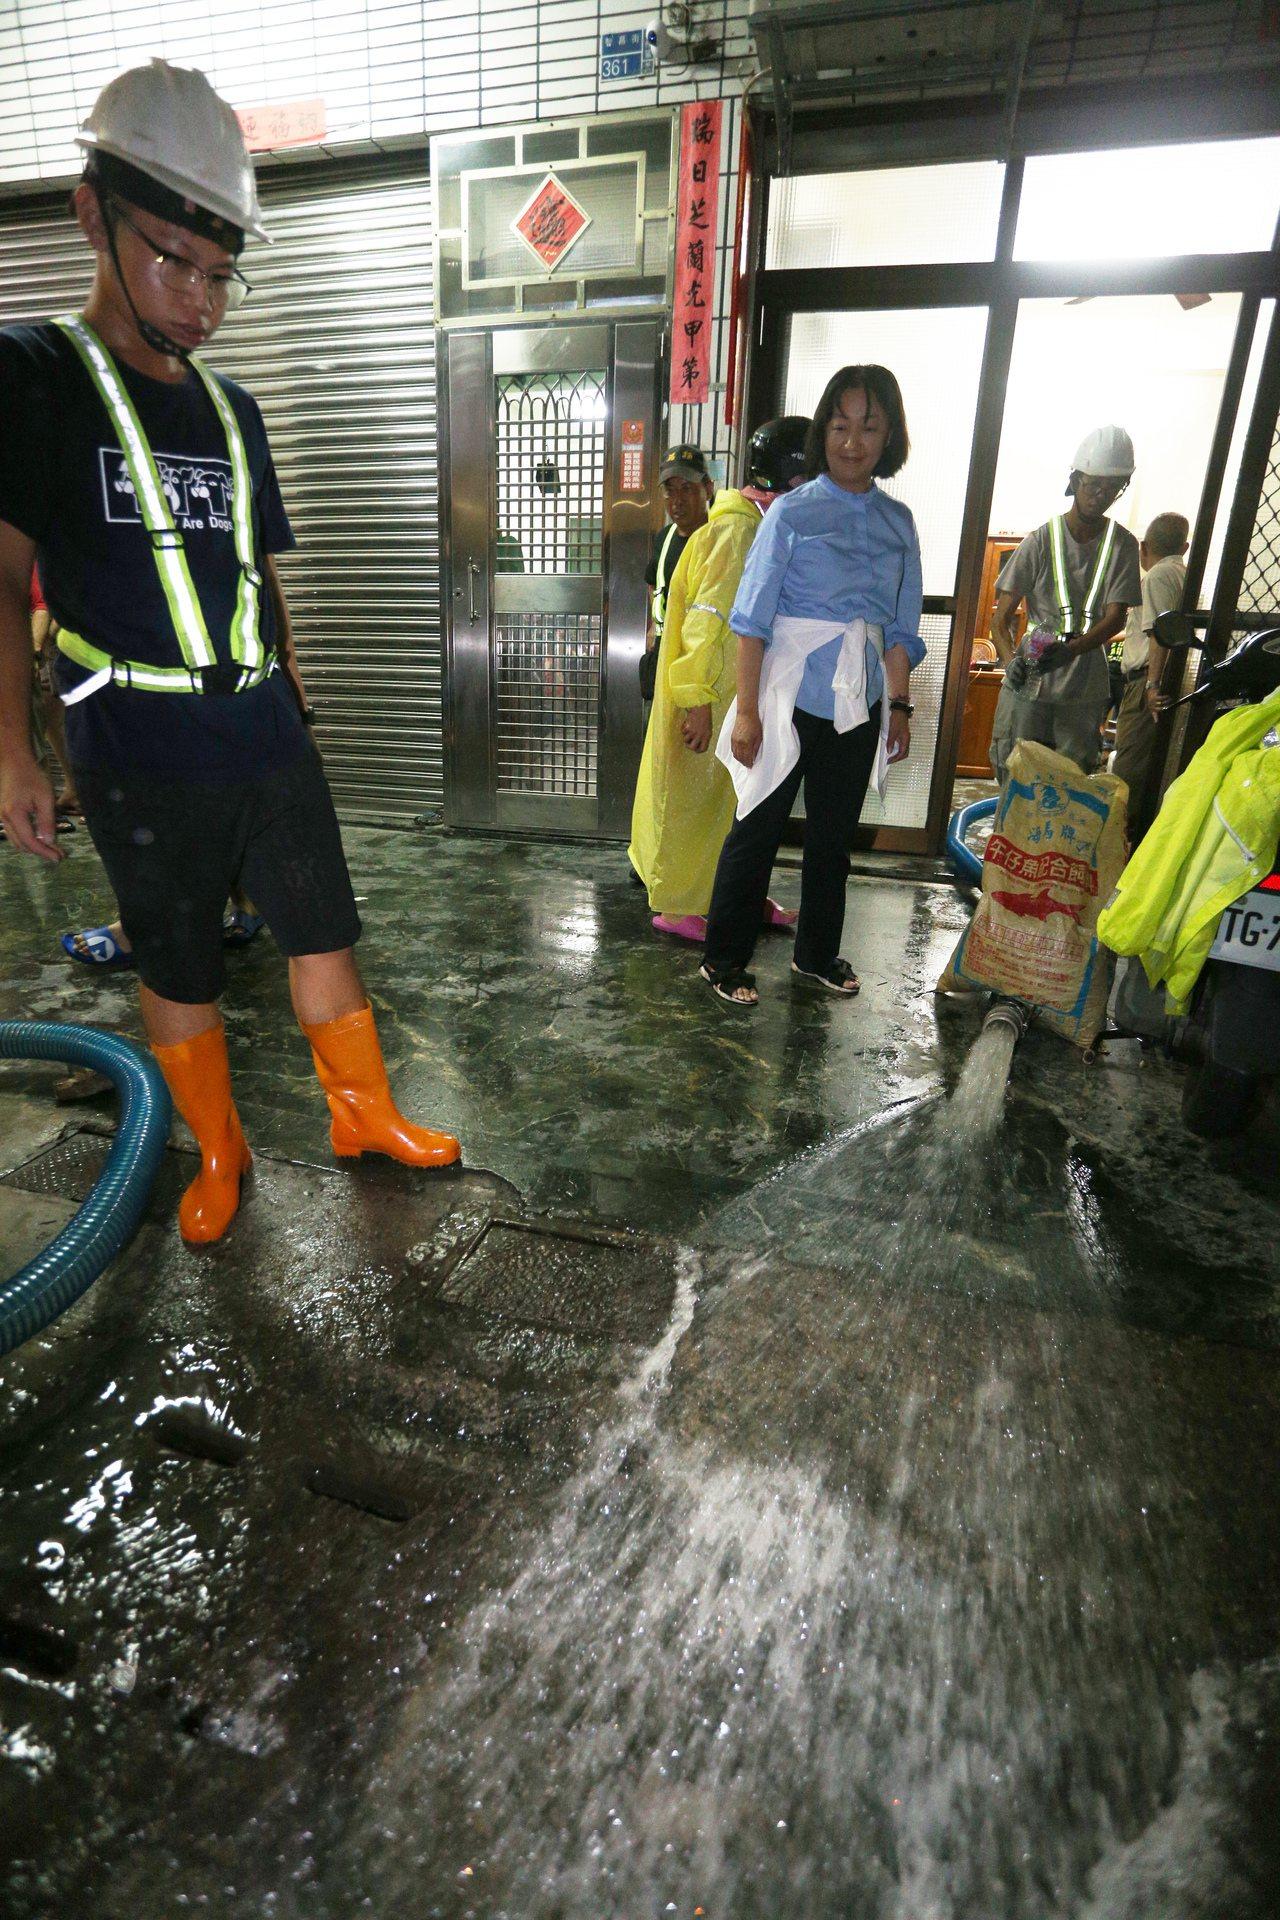 高雄市楠梓昨昨受暴雨侵襲,傳出不少淹水受困案件,軍警都出動協助救援。記者劉學聖/...